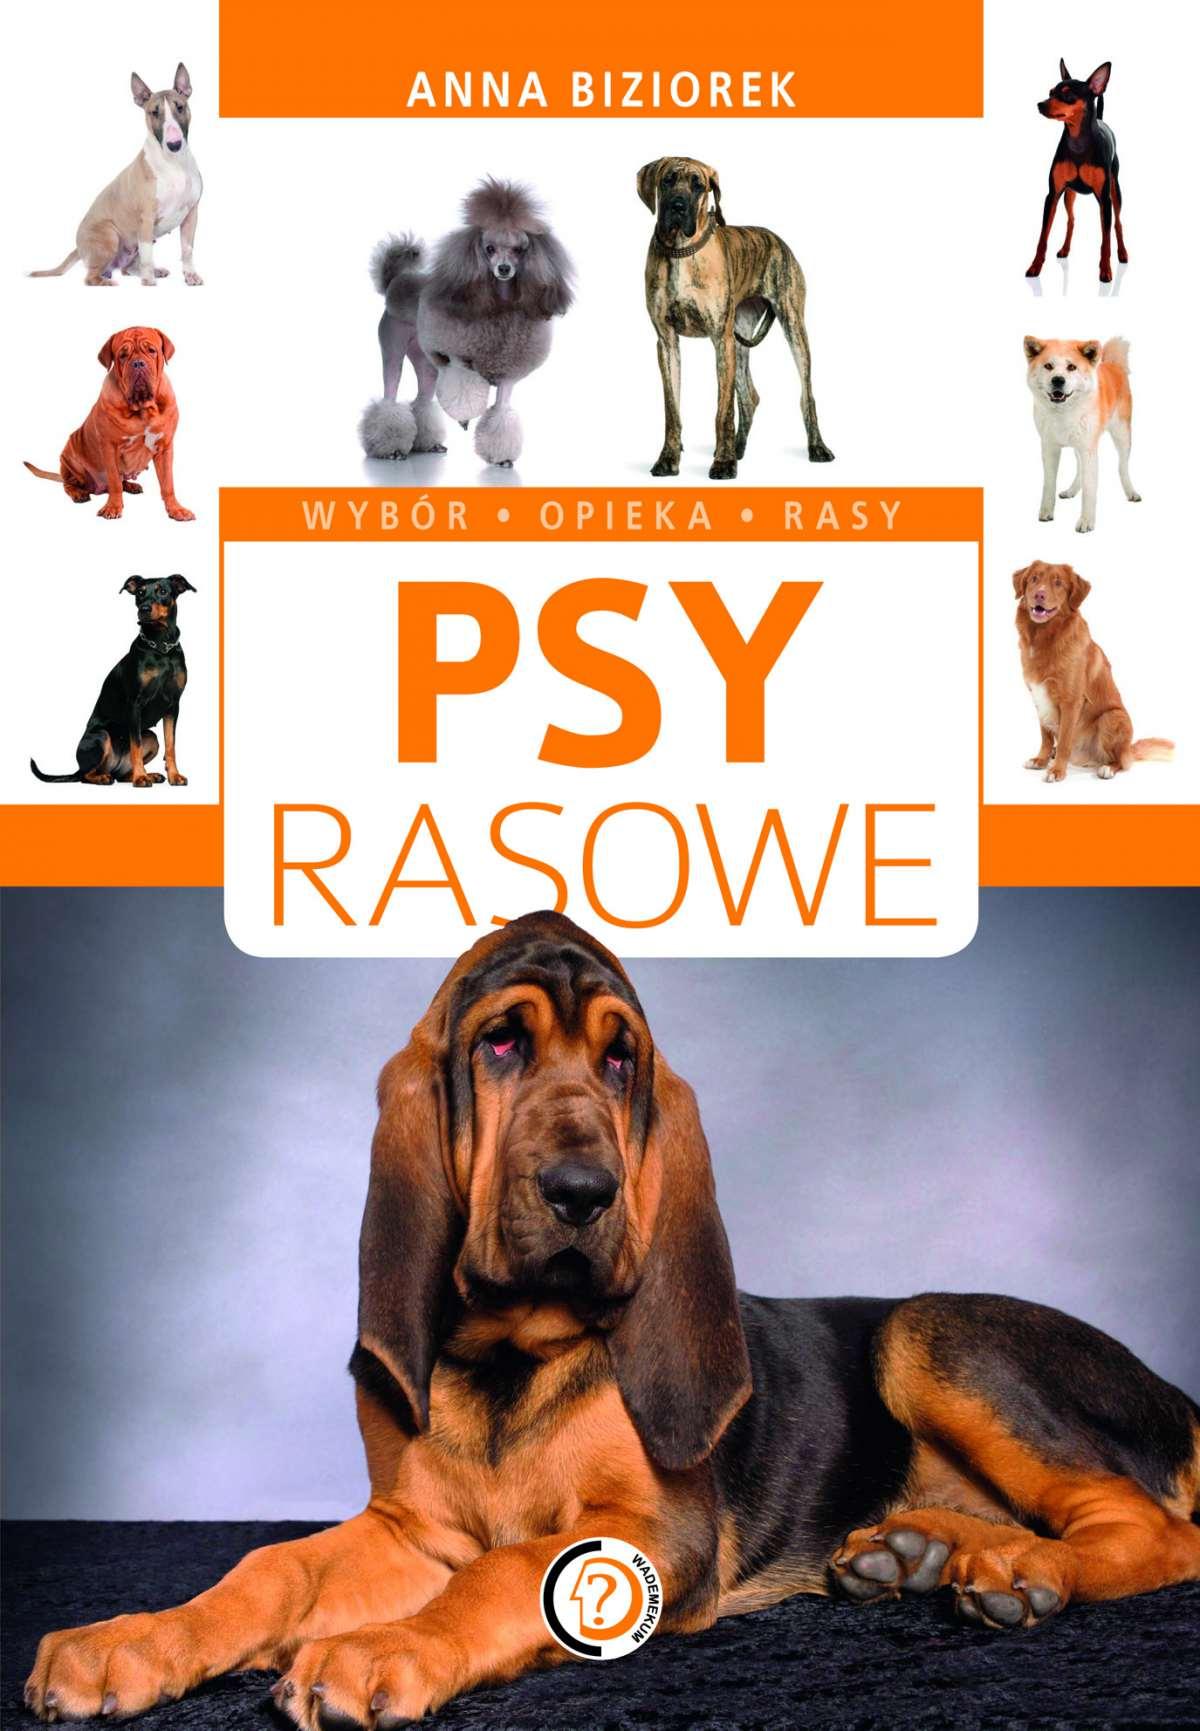 Psy rasowe - Ebook (Książka PDF) do pobrania w formacie PDF